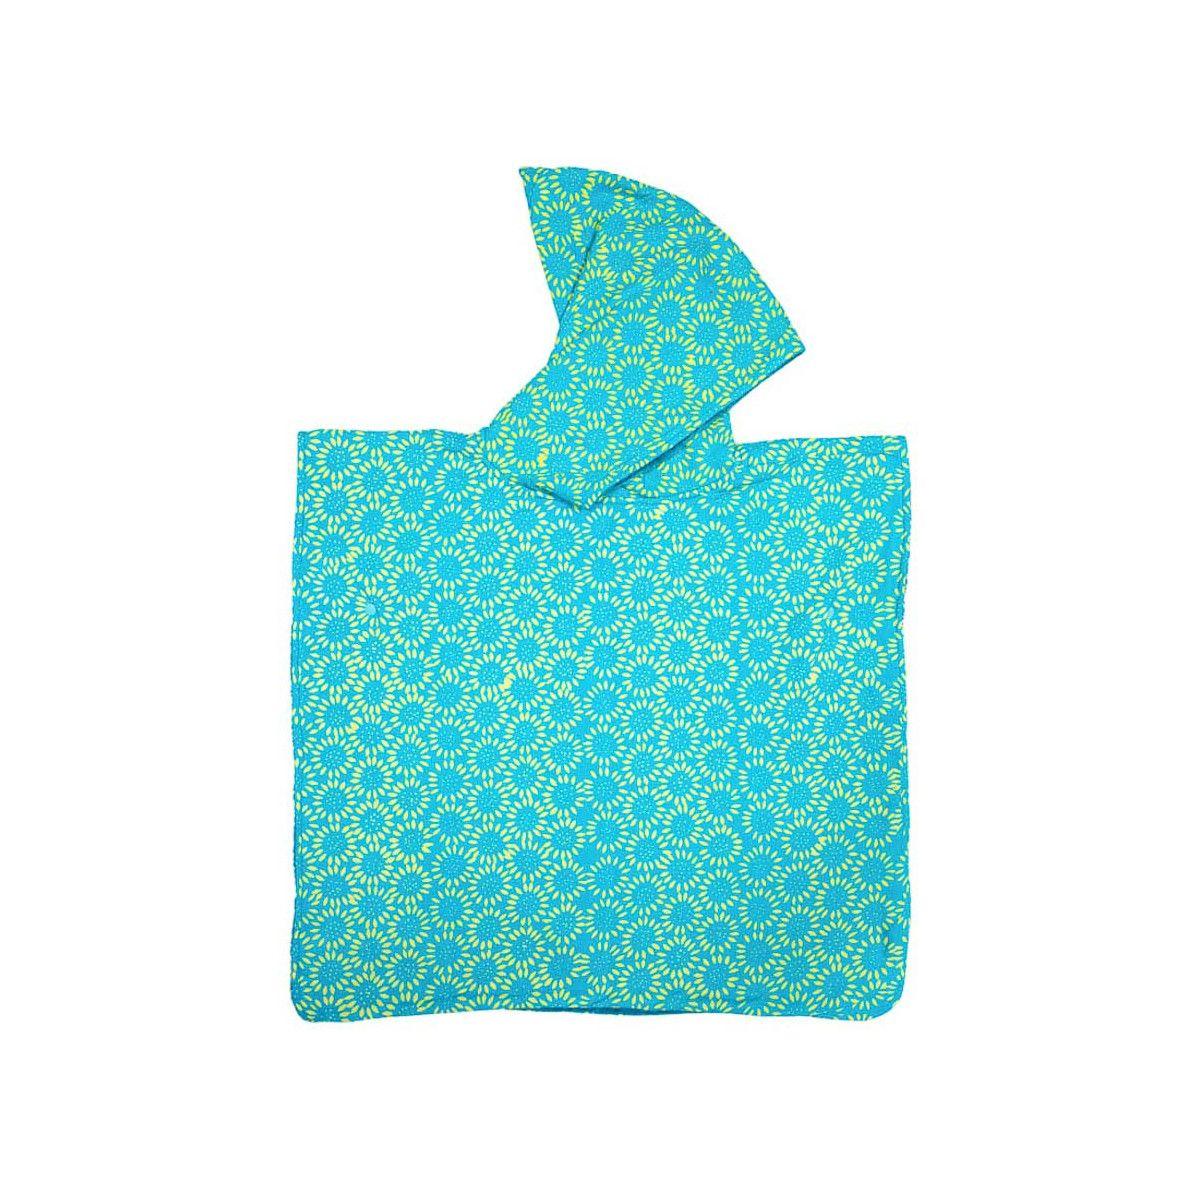 Poncho de bain, de plage à capuche enfant bleu vert turquoise